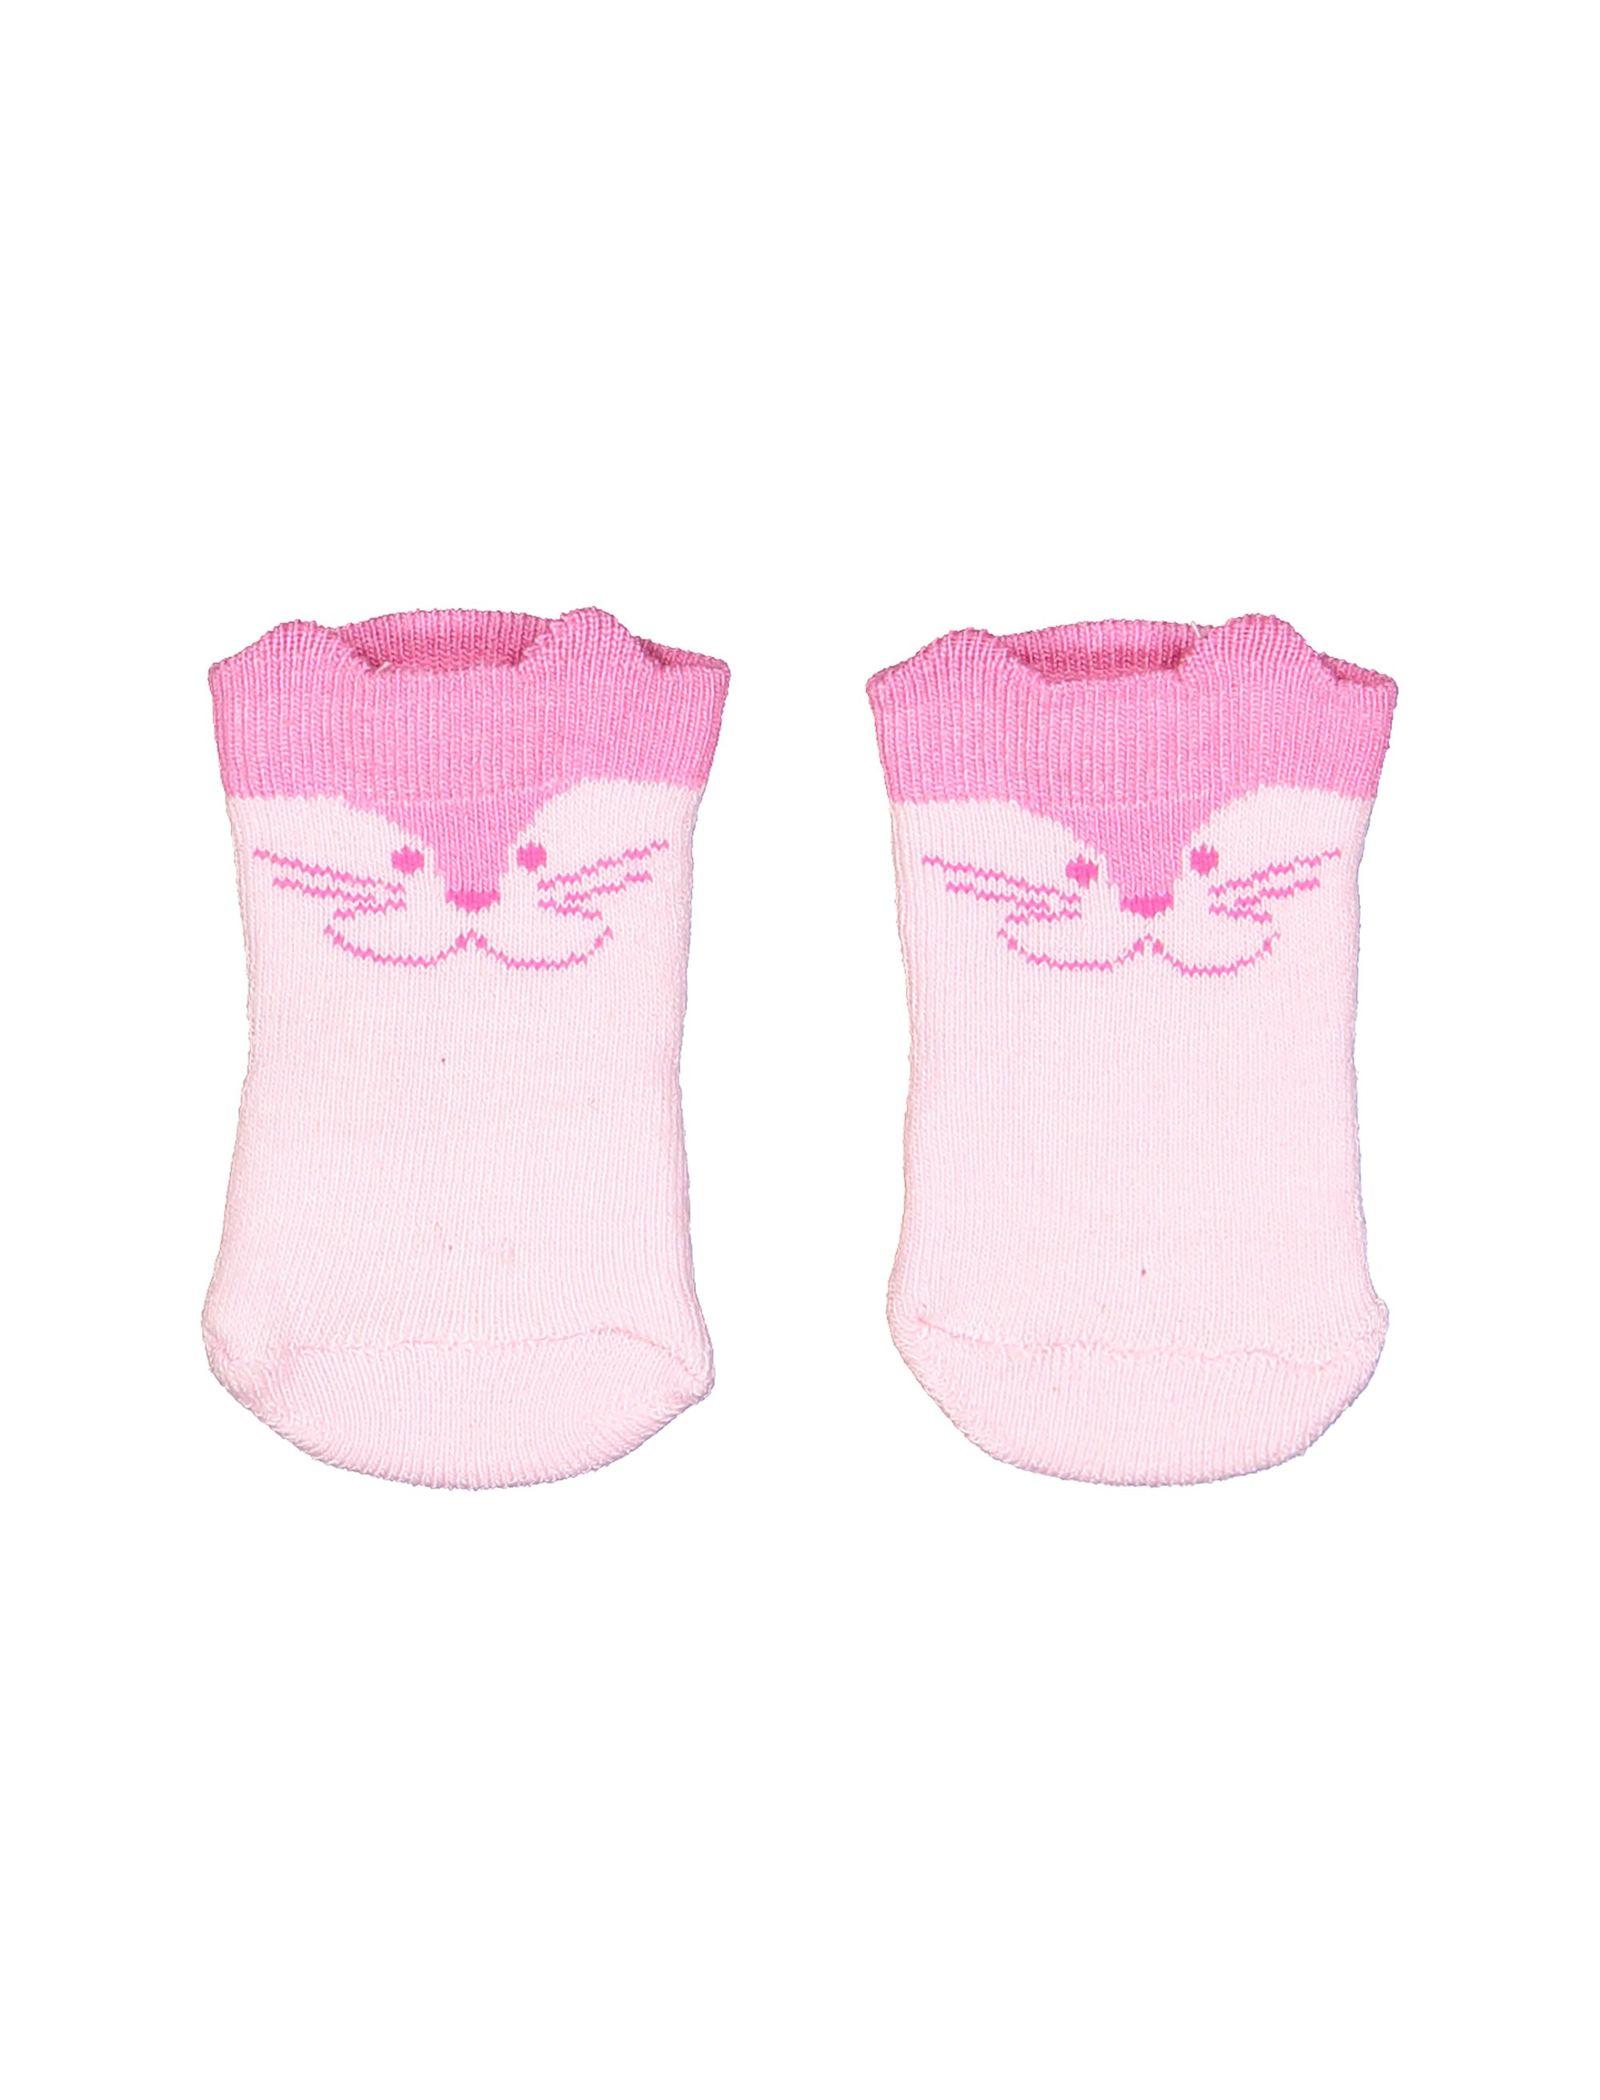 جوراب نخی طرح دار نوزادی - ایدکس - صورتي - 1